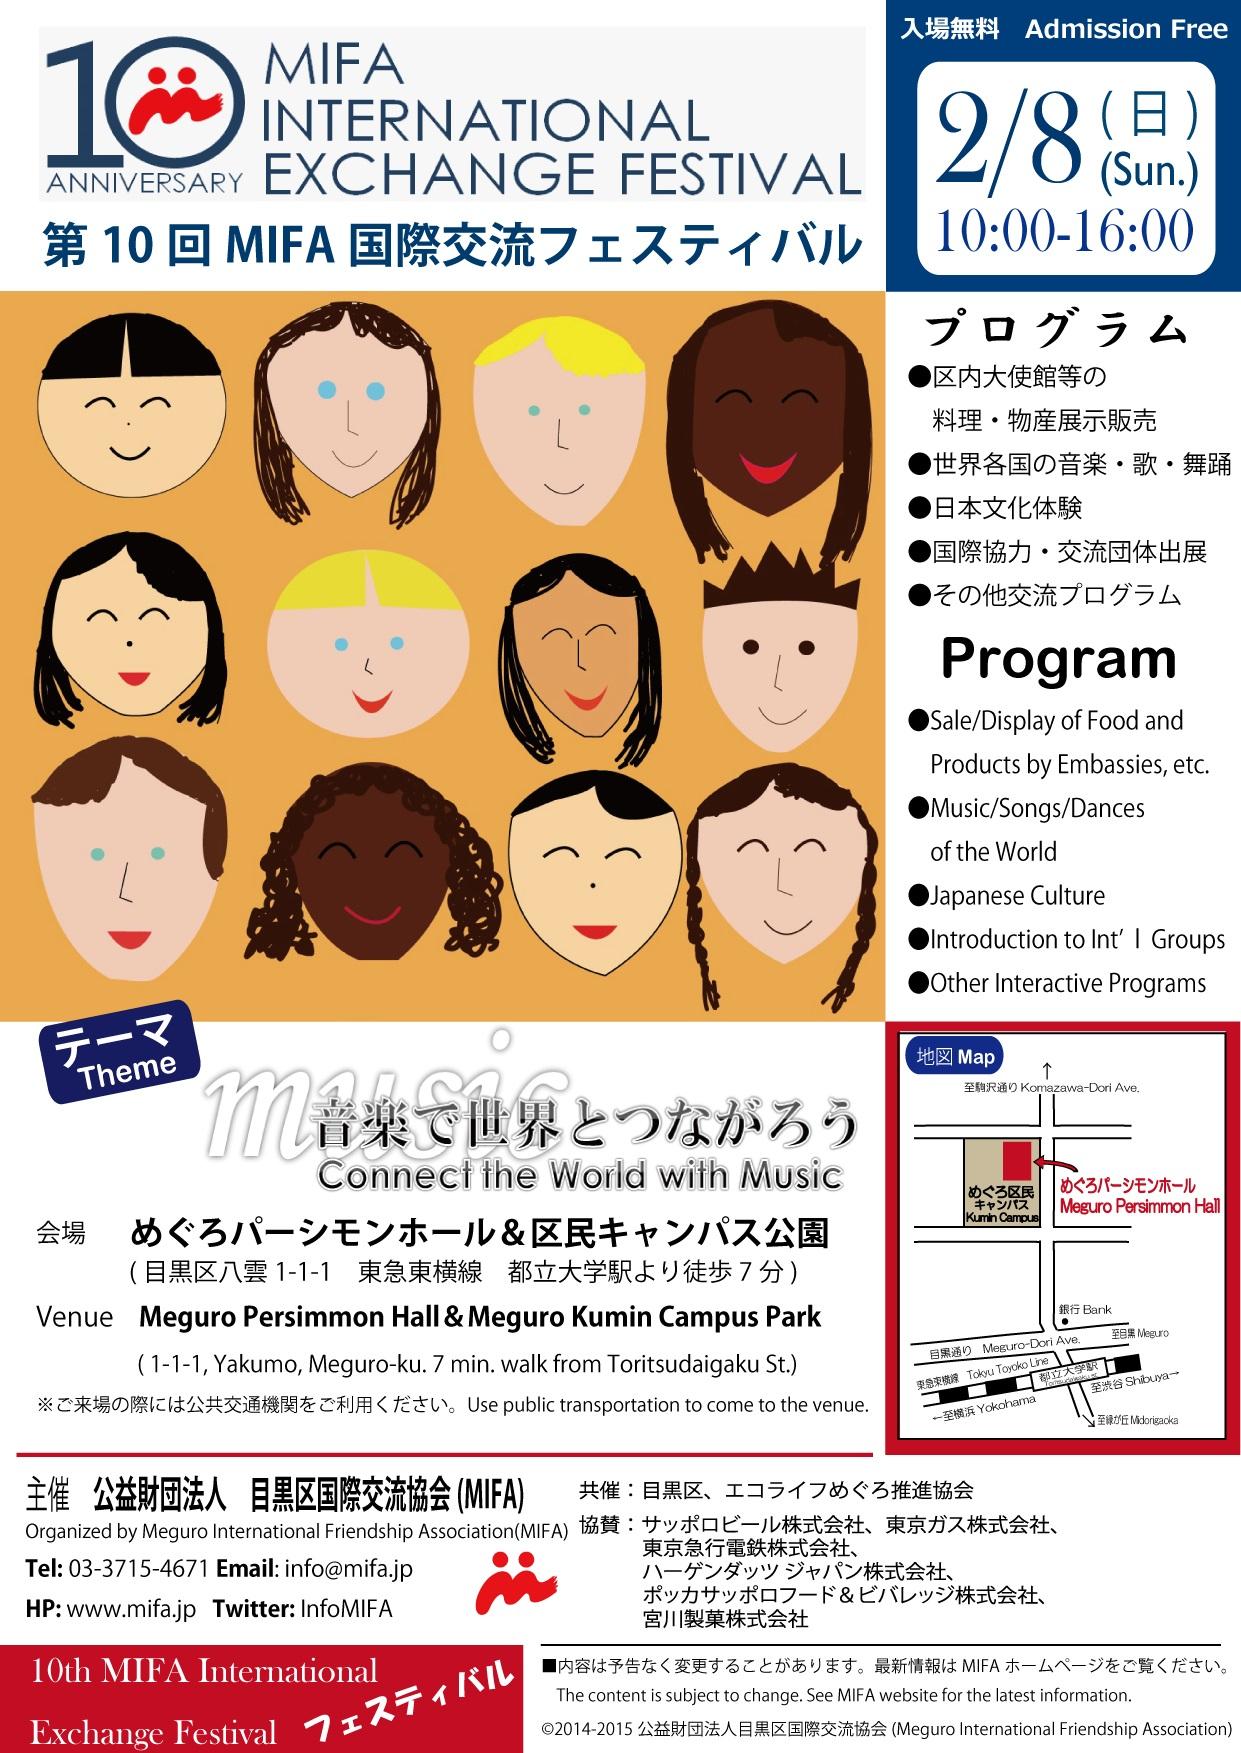 第10回MIFA国際交流フェスティバルのポスター